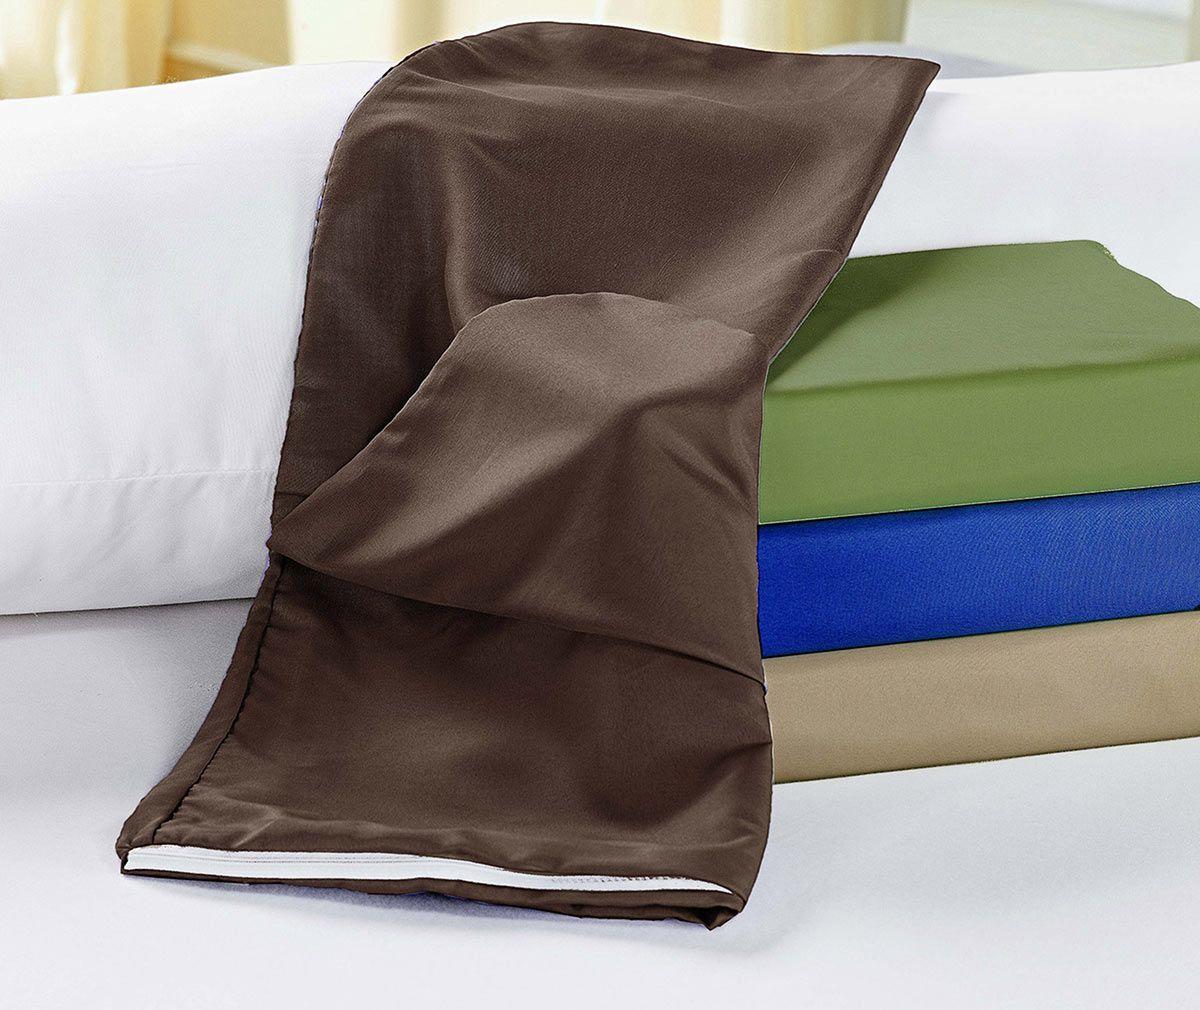 Capa de Travesseirão Rafaela Microfibra 1,40m x 45cm com 1 peça